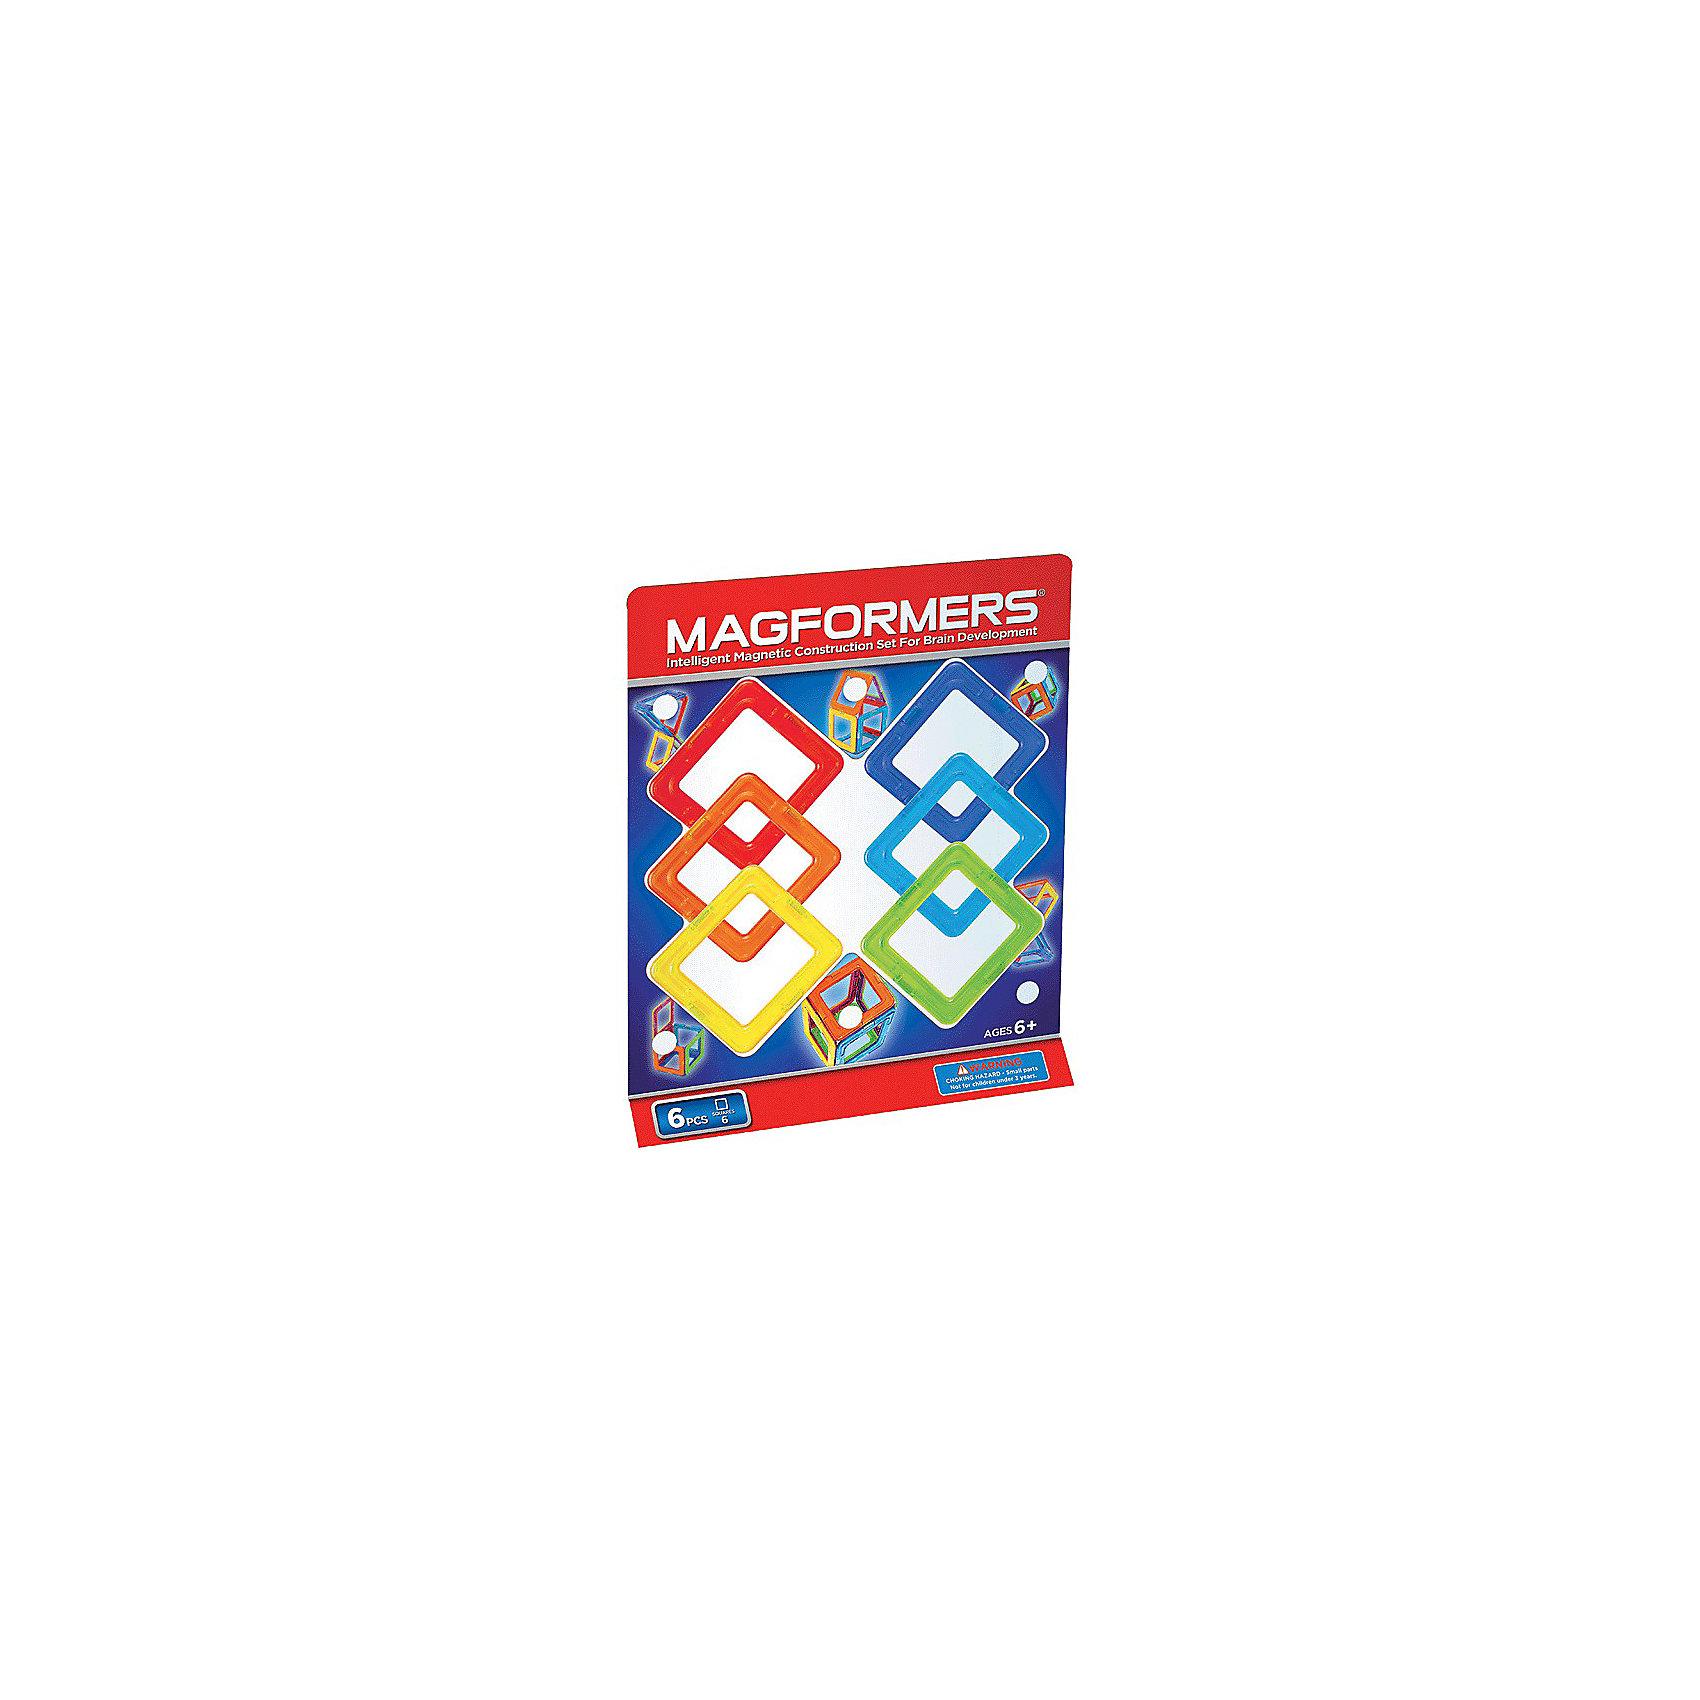 Магнитный конструктор Квадраты, 6 деталей, MAGFORMERSMagformers 6 самый маленький из наборов. Может дать ребенку первичные представления о конструкторе Magformers, геометрии и магнетизме. Малыш сможет научиться создавать фигуры на плоскости, выстраивать магниты в линию. При помощи квадратов Magformers он сможет выучить в процессе игры базовые цвета, узнает, что такое куб и как его сделать. Подходит как дополнение к уже имеющимся наборам.<br>Набор «Magformers 6» содержит 6 элементов:<br><br>Ширина мм: 220<br>Глубина мм: 51<br>Высота мм: 20<br>Вес г: 150<br>Возраст от месяцев: 36<br>Возраст до месяцев: 192<br>Пол: Унисекс<br>Возраст: Детский<br>SKU: 3323953